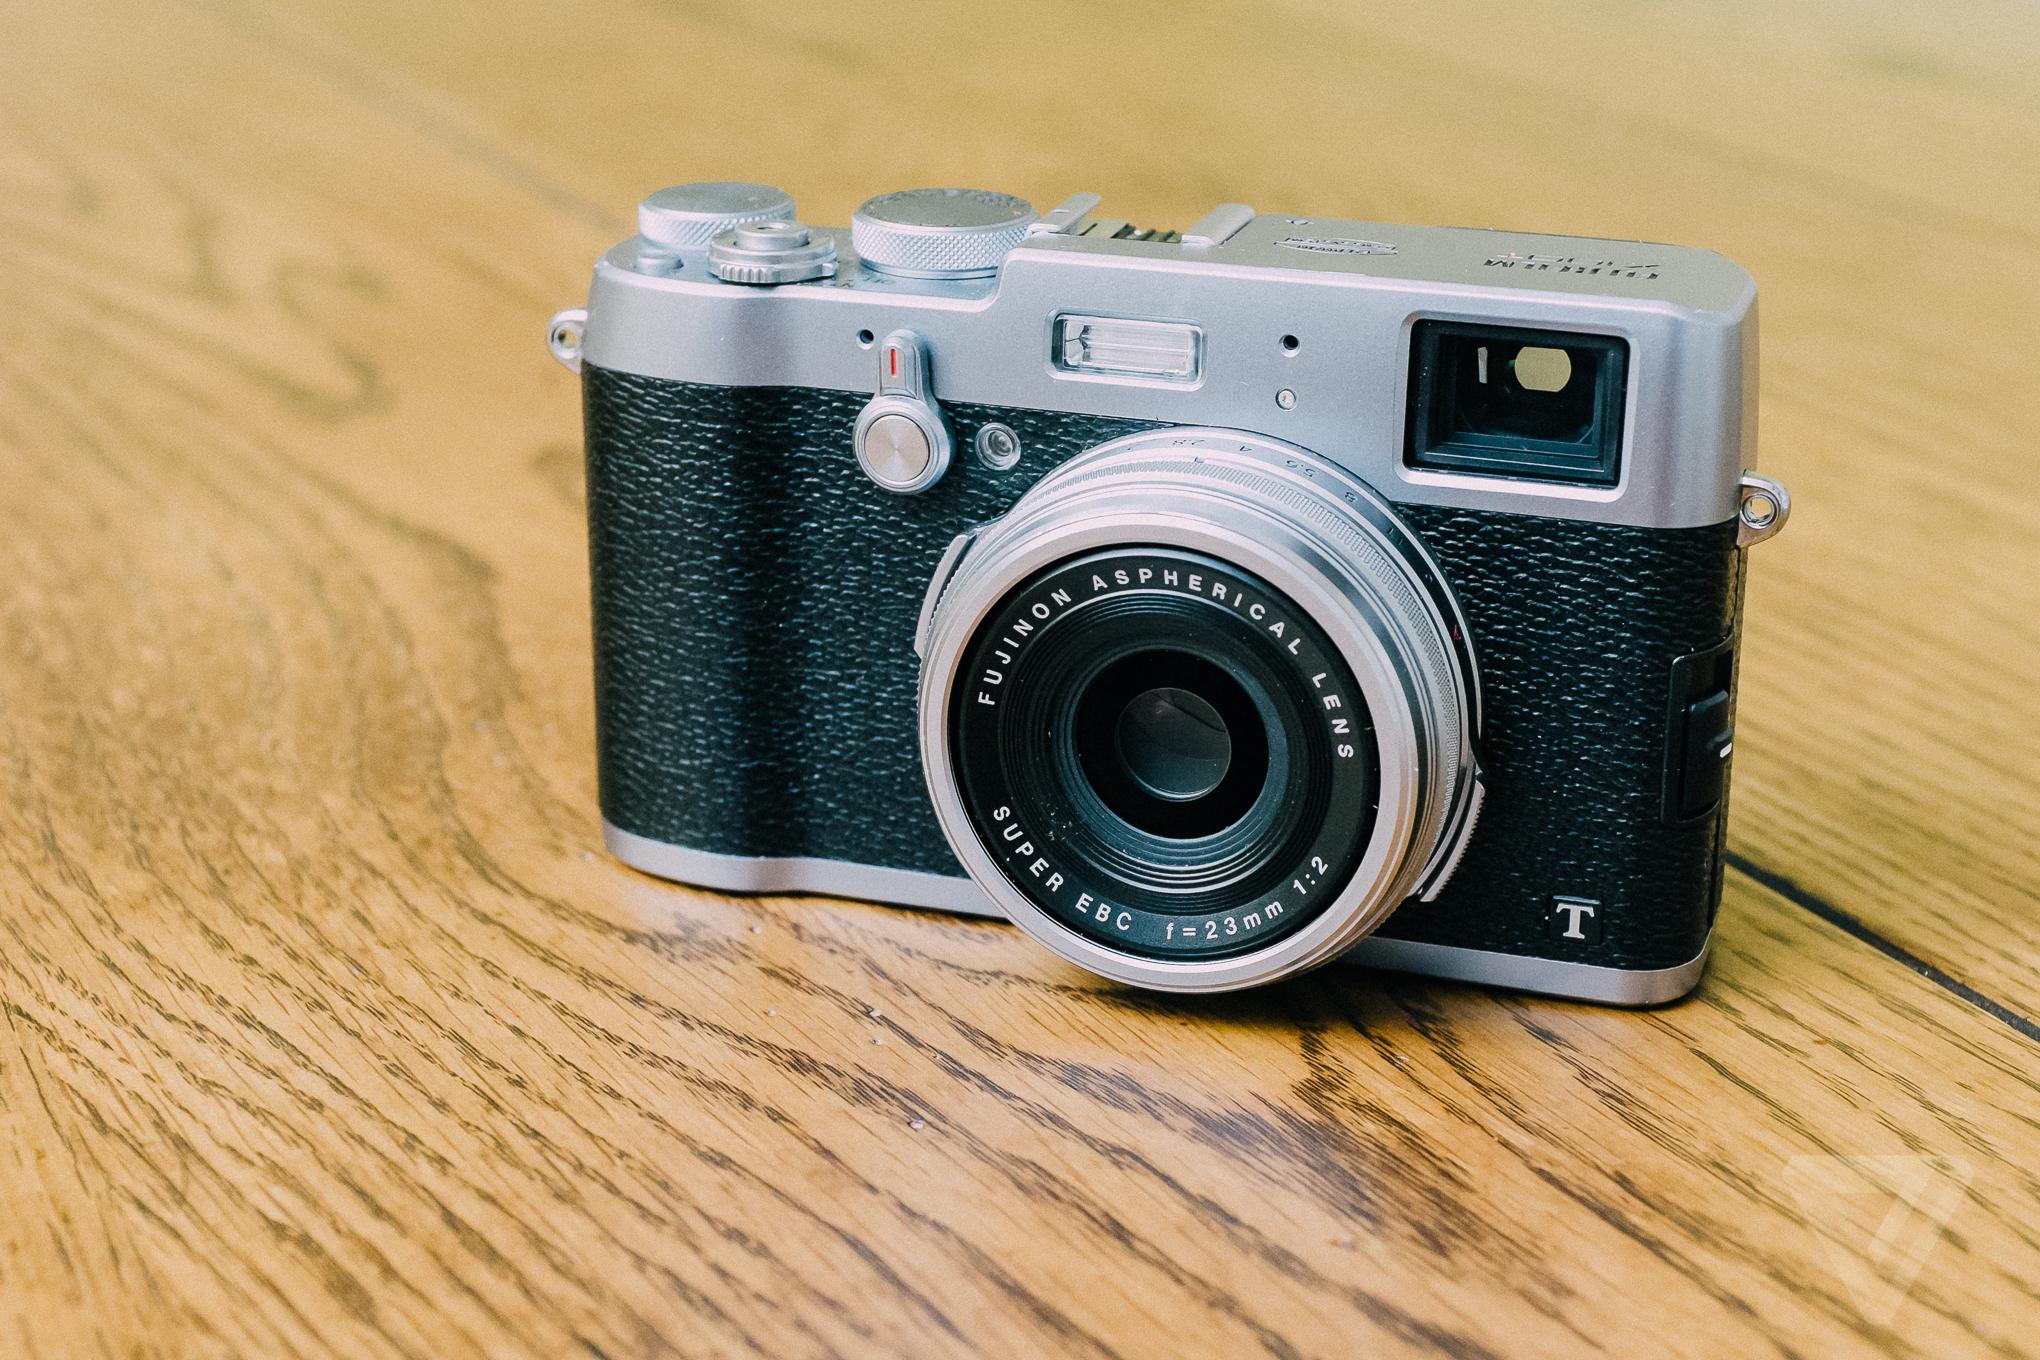 Camera Reviews - The Verge